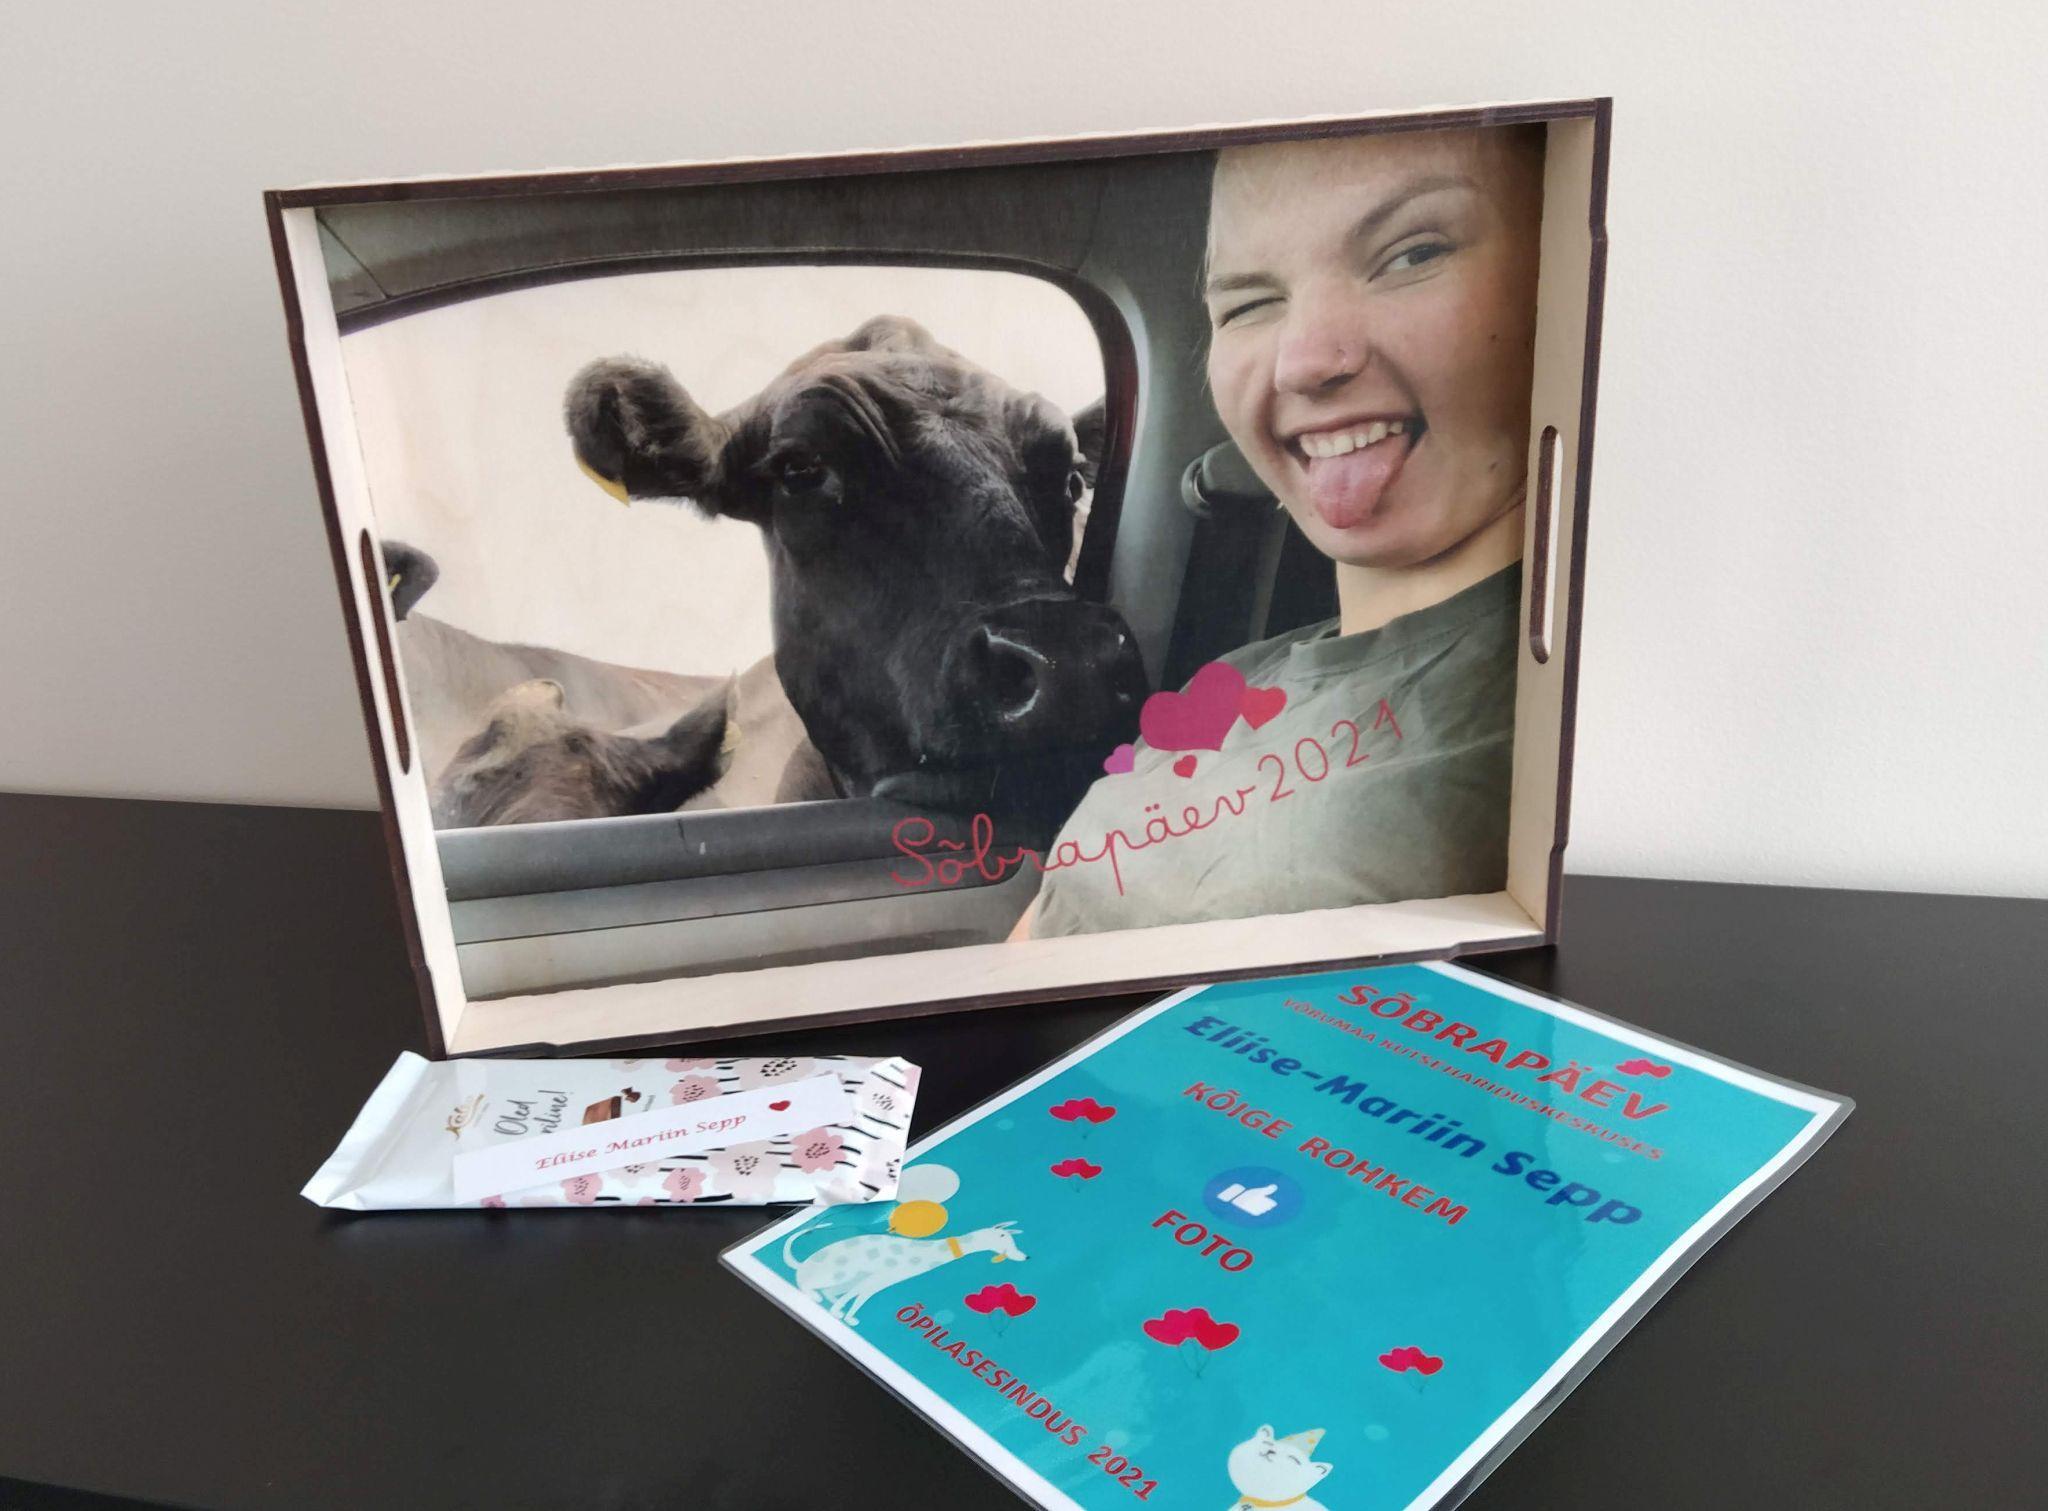 Fotokonkursi võidupilt trükitud puidust kandikule (Tüdruk lehmaga)